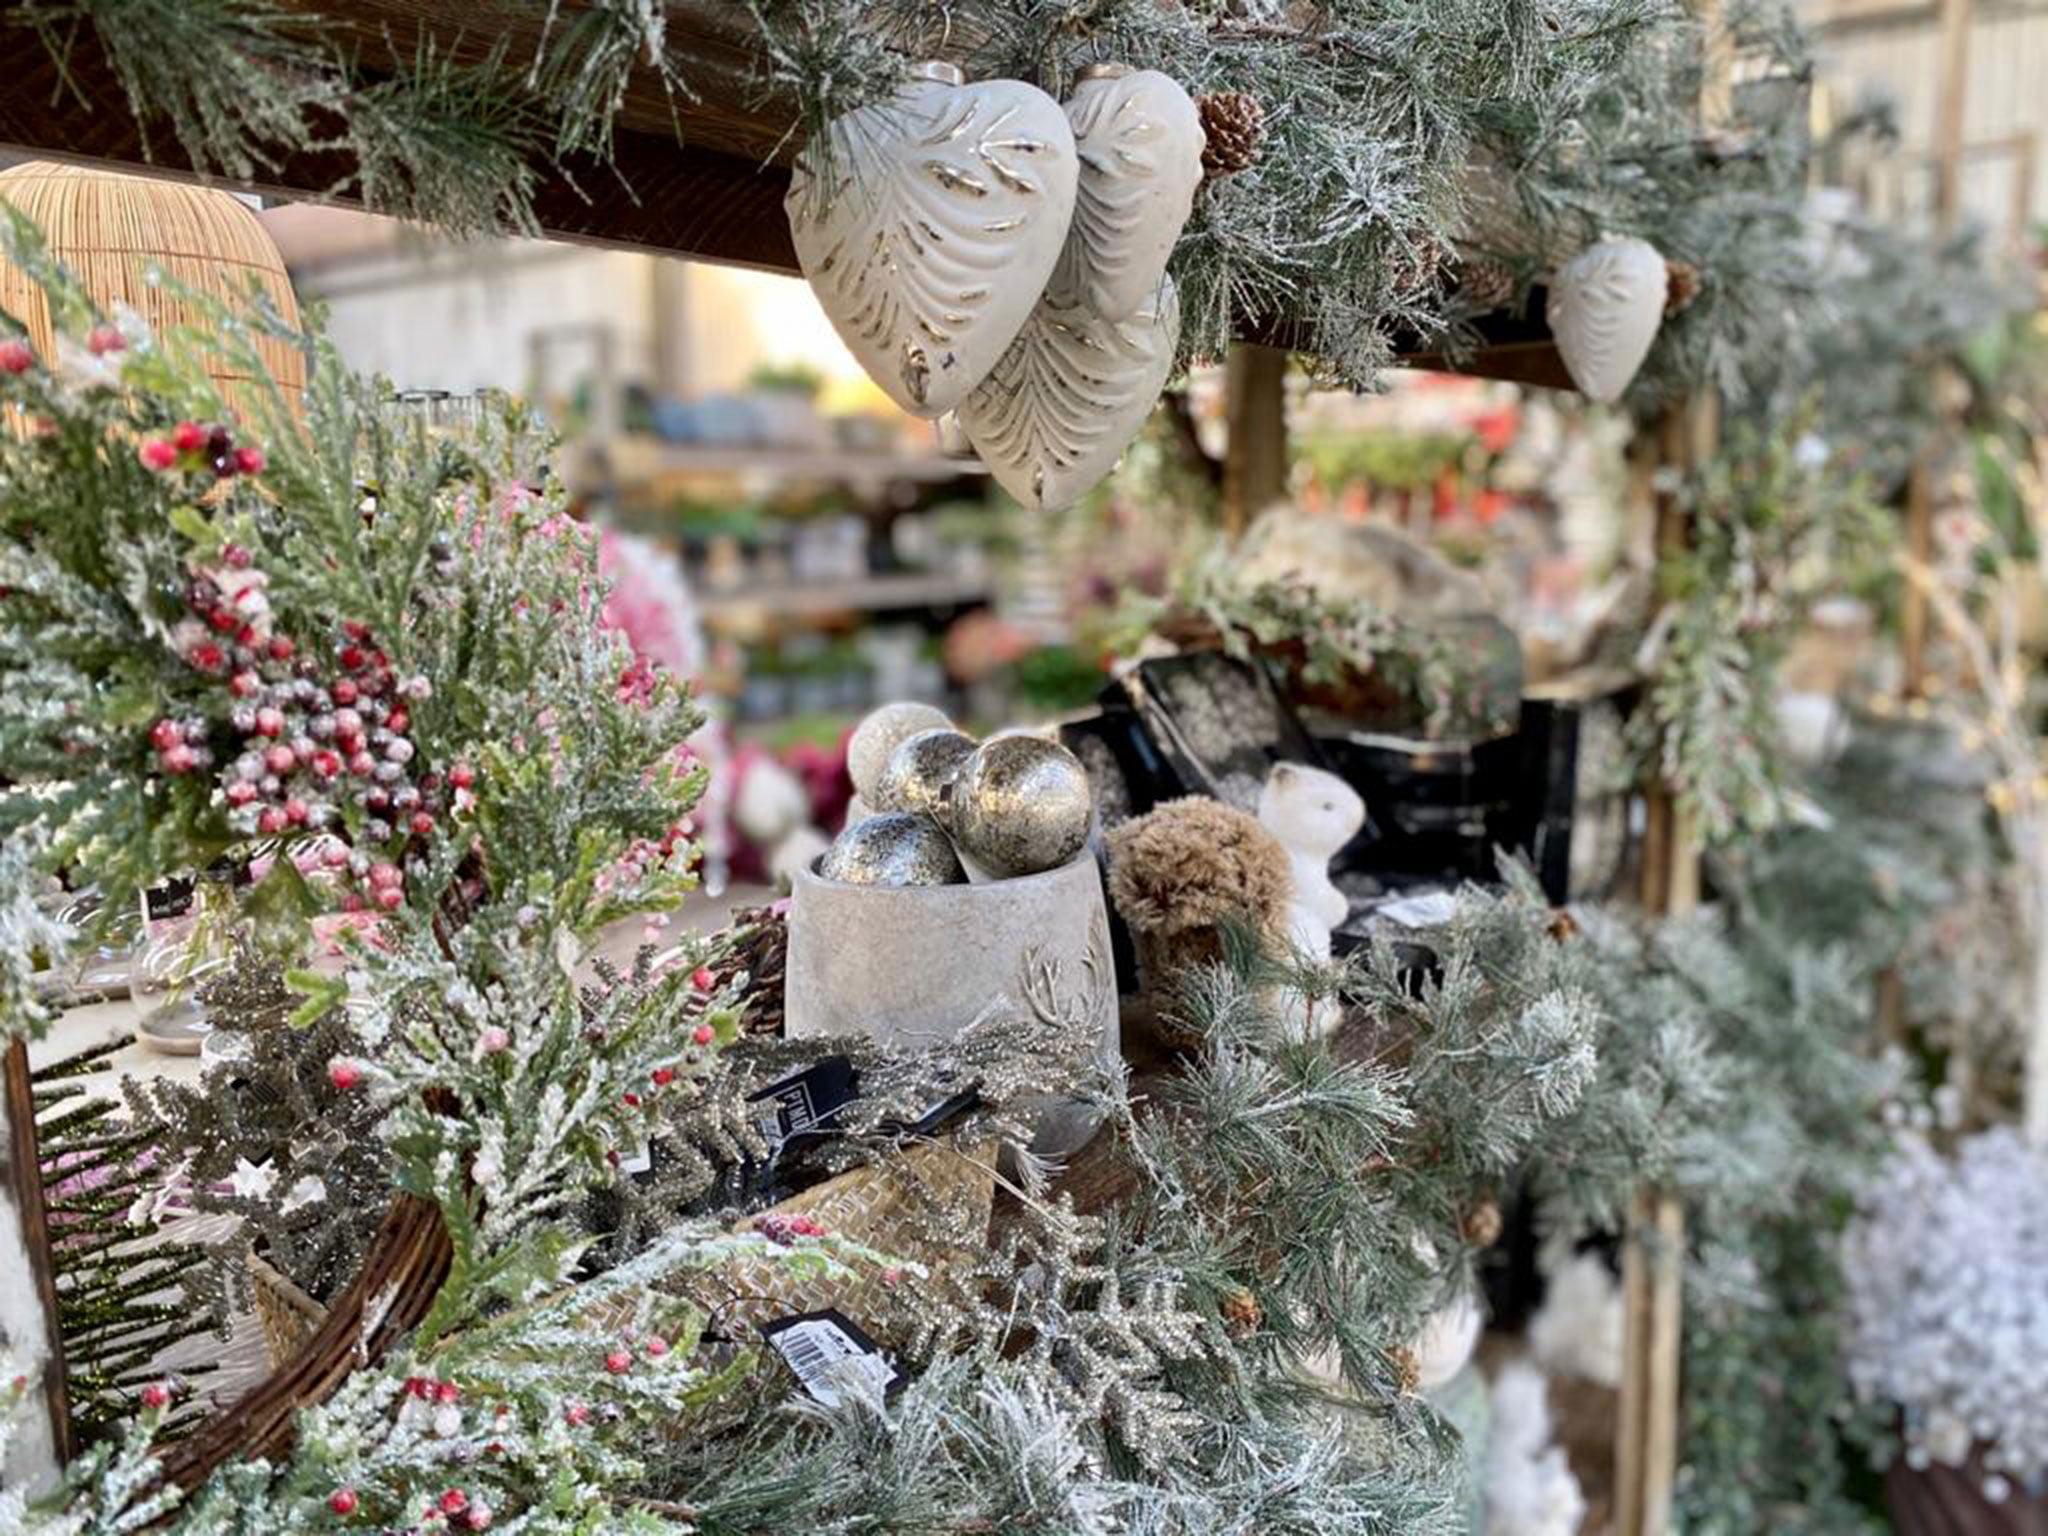 Comprar detalles y decoración navideña en Dénia – Natura Garden